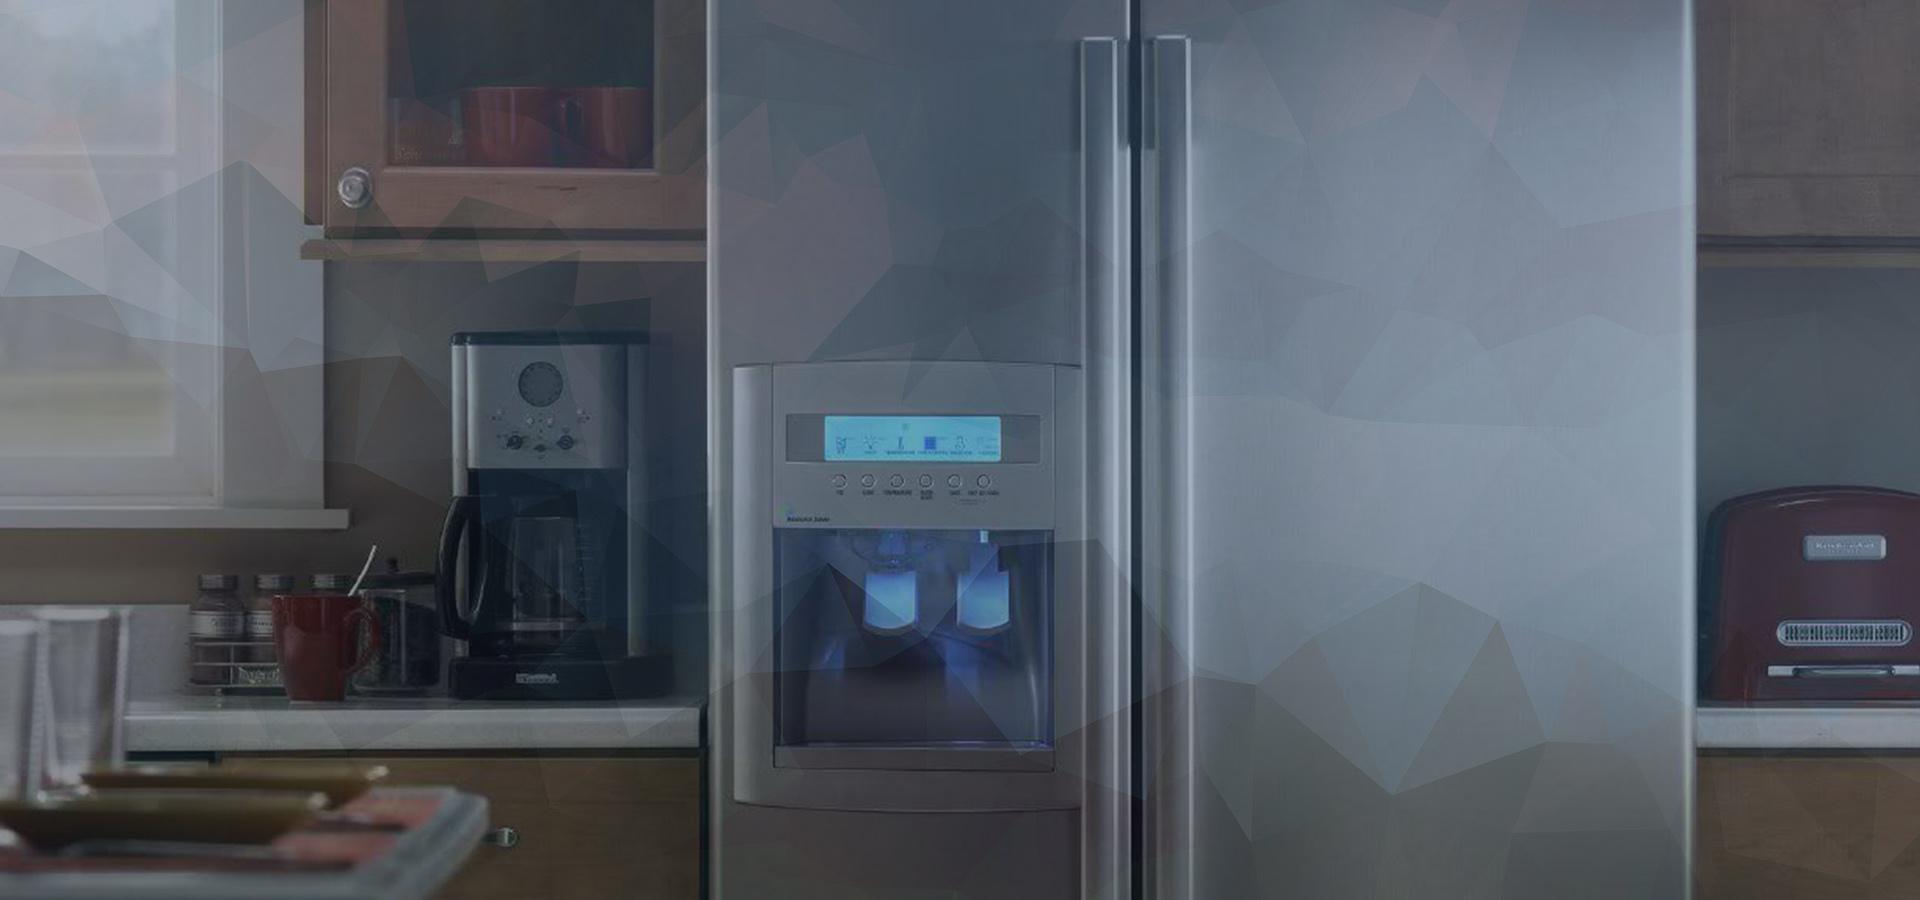 Ремонт Холодильников и стиральных машин в Хабаровске